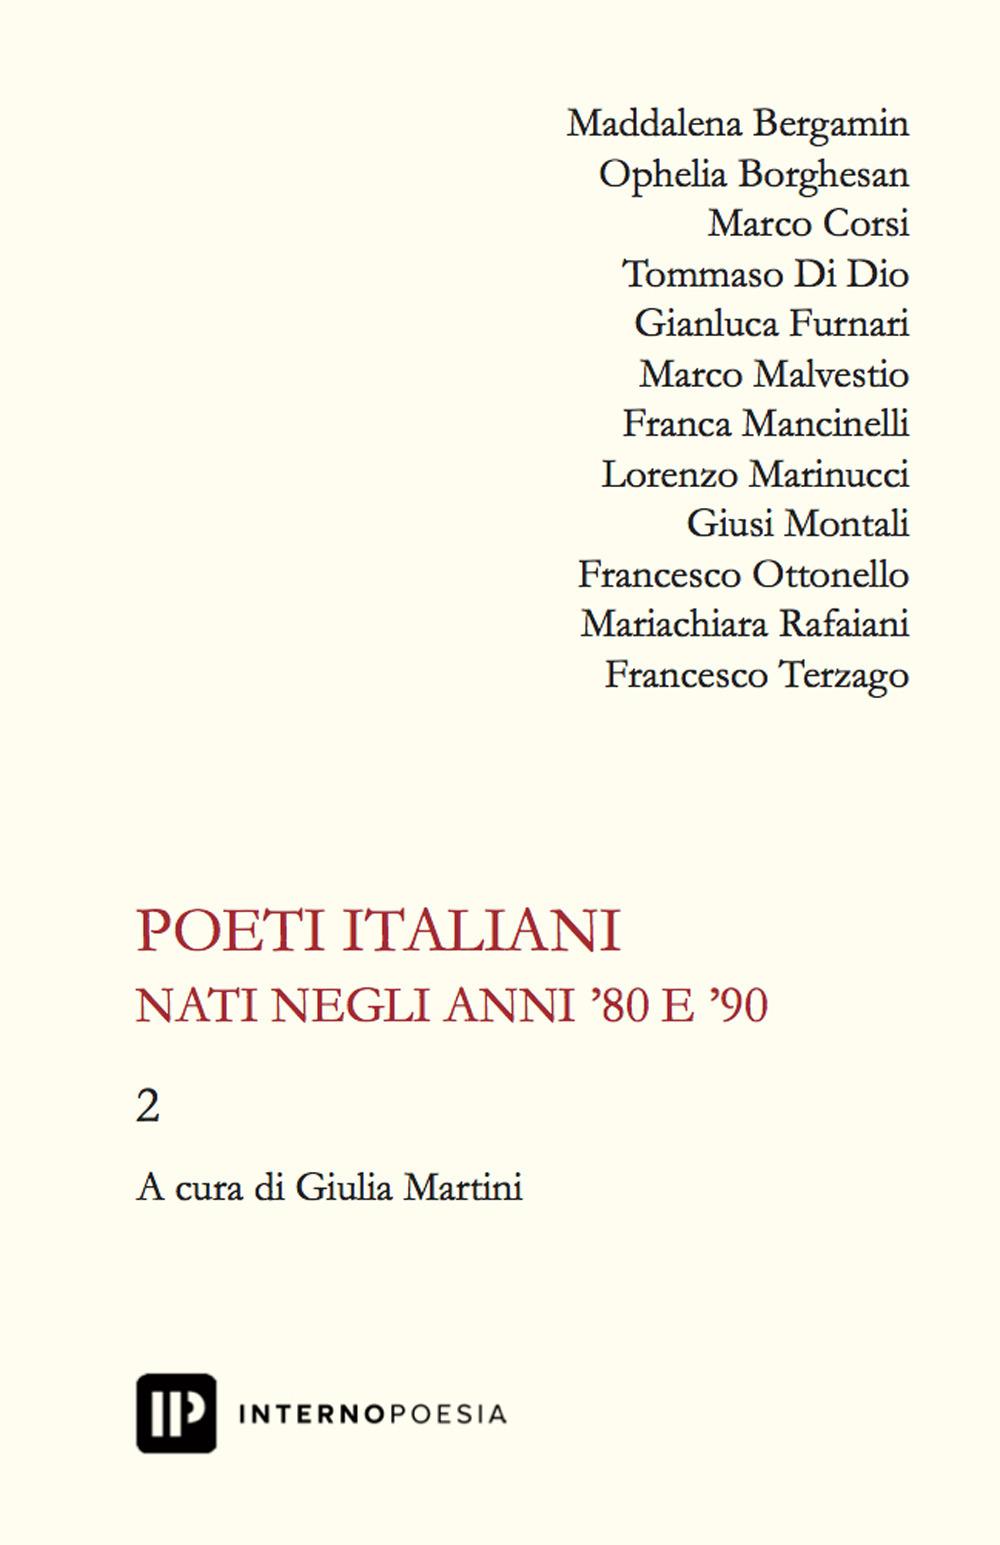 Poeti italiani nati negli anni '80 e '90. Vol. 2